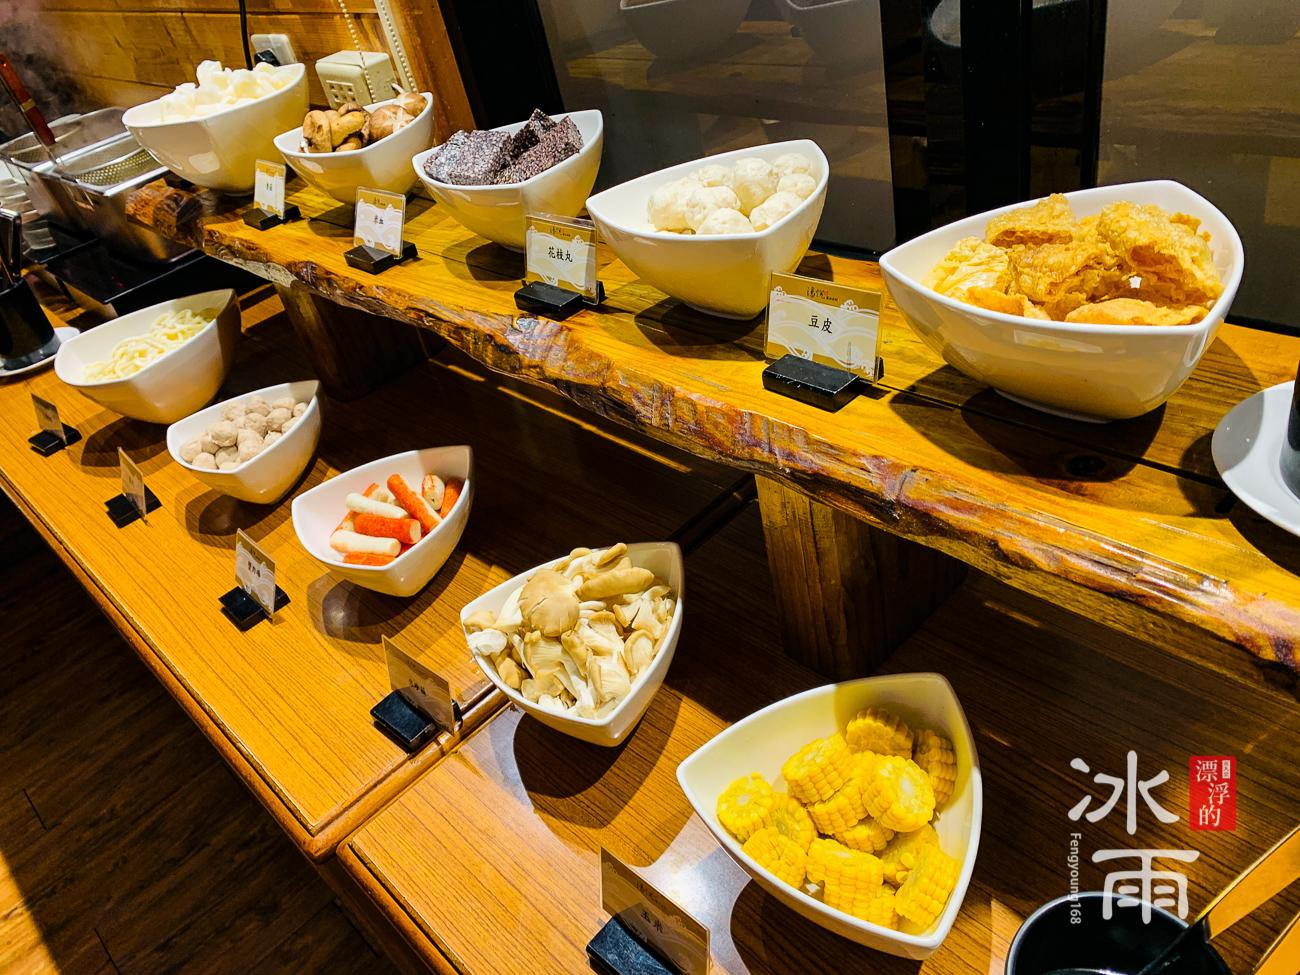 泰安湯悅溫泉會館|餐廳滷味區